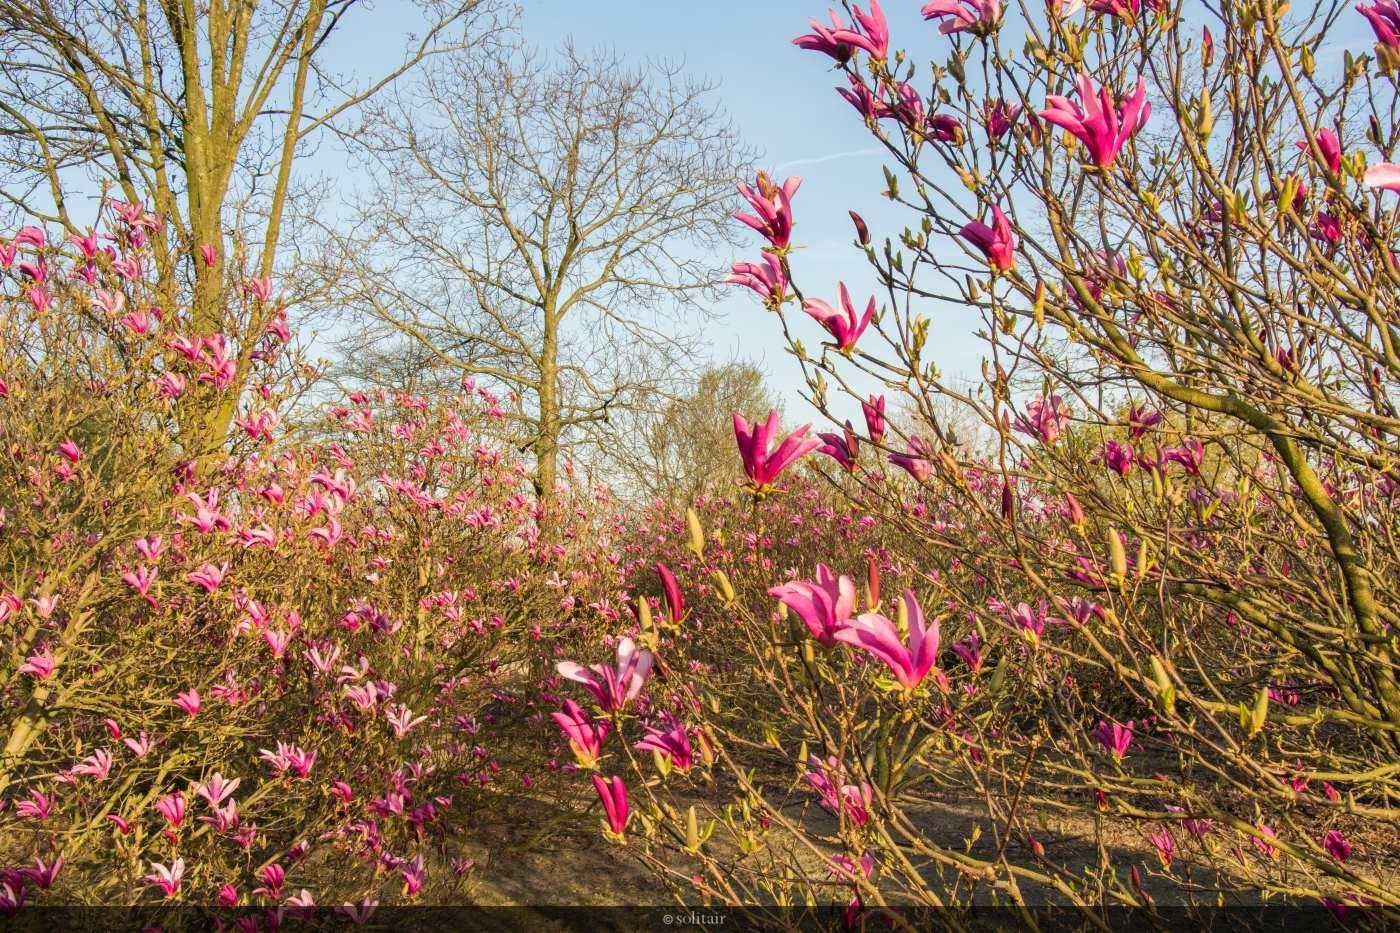 Magnolia 'Susan' bush